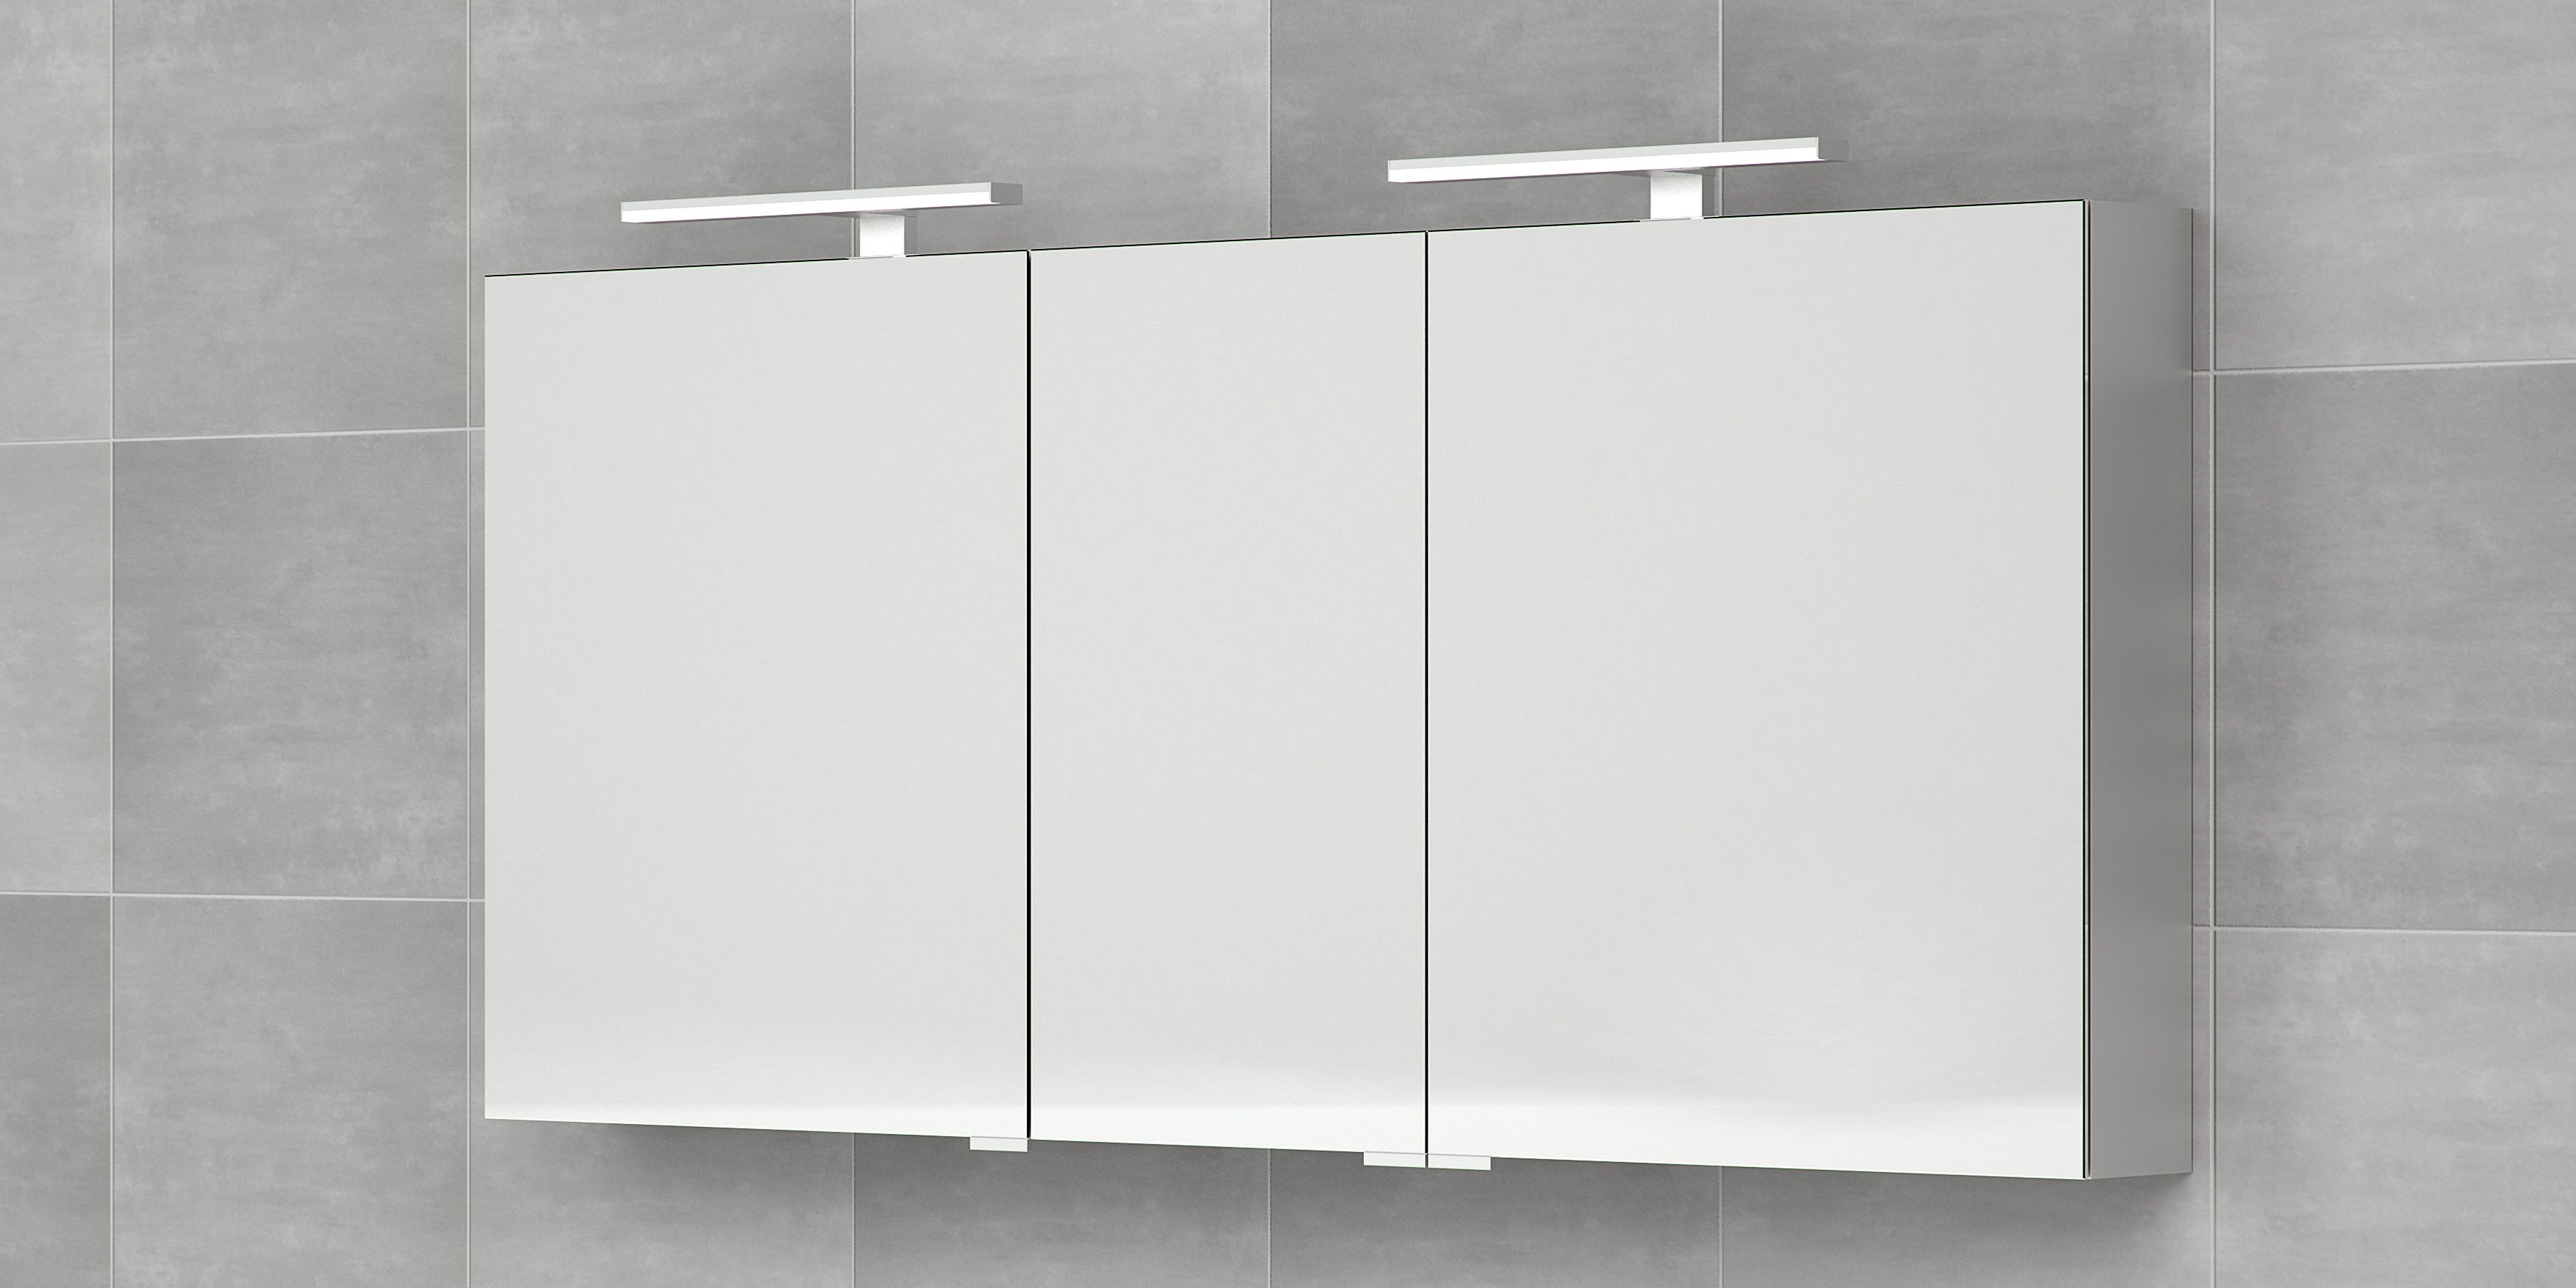 Bruynzeel spiegelkast 160cm drie deurs / badkamerkast / badkamer ...